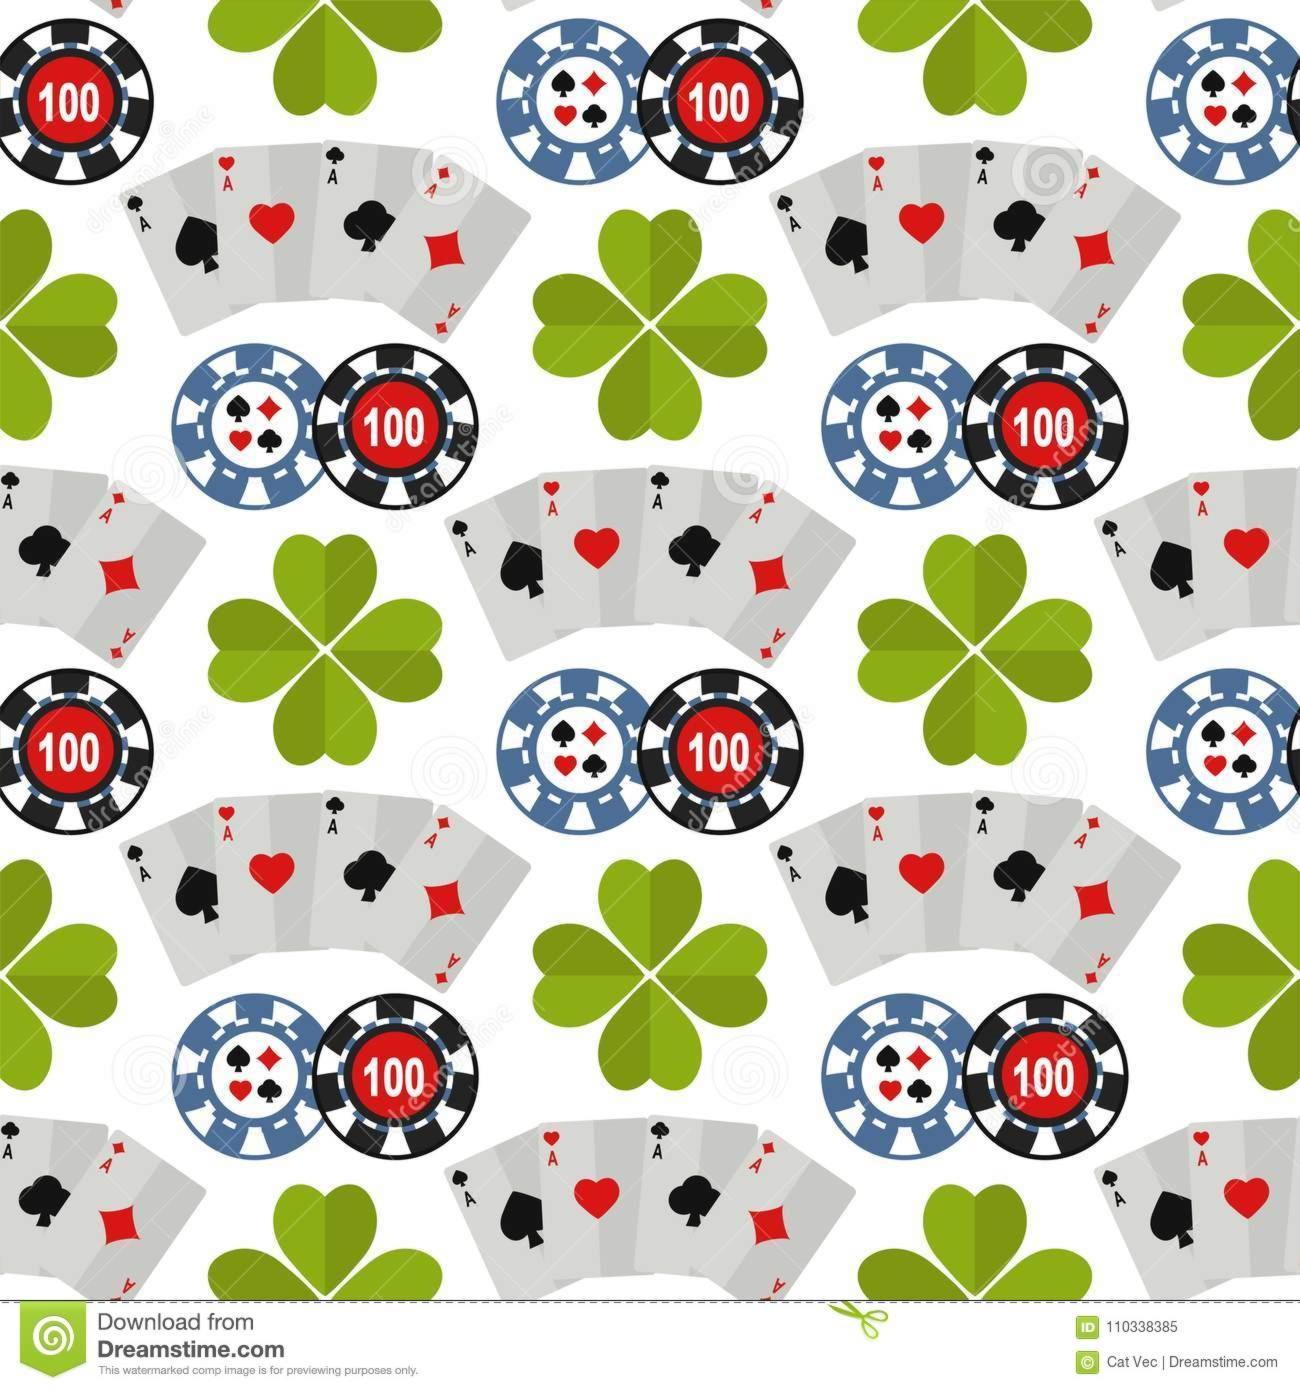 510% Zápas v kasíne v Jackpot 21